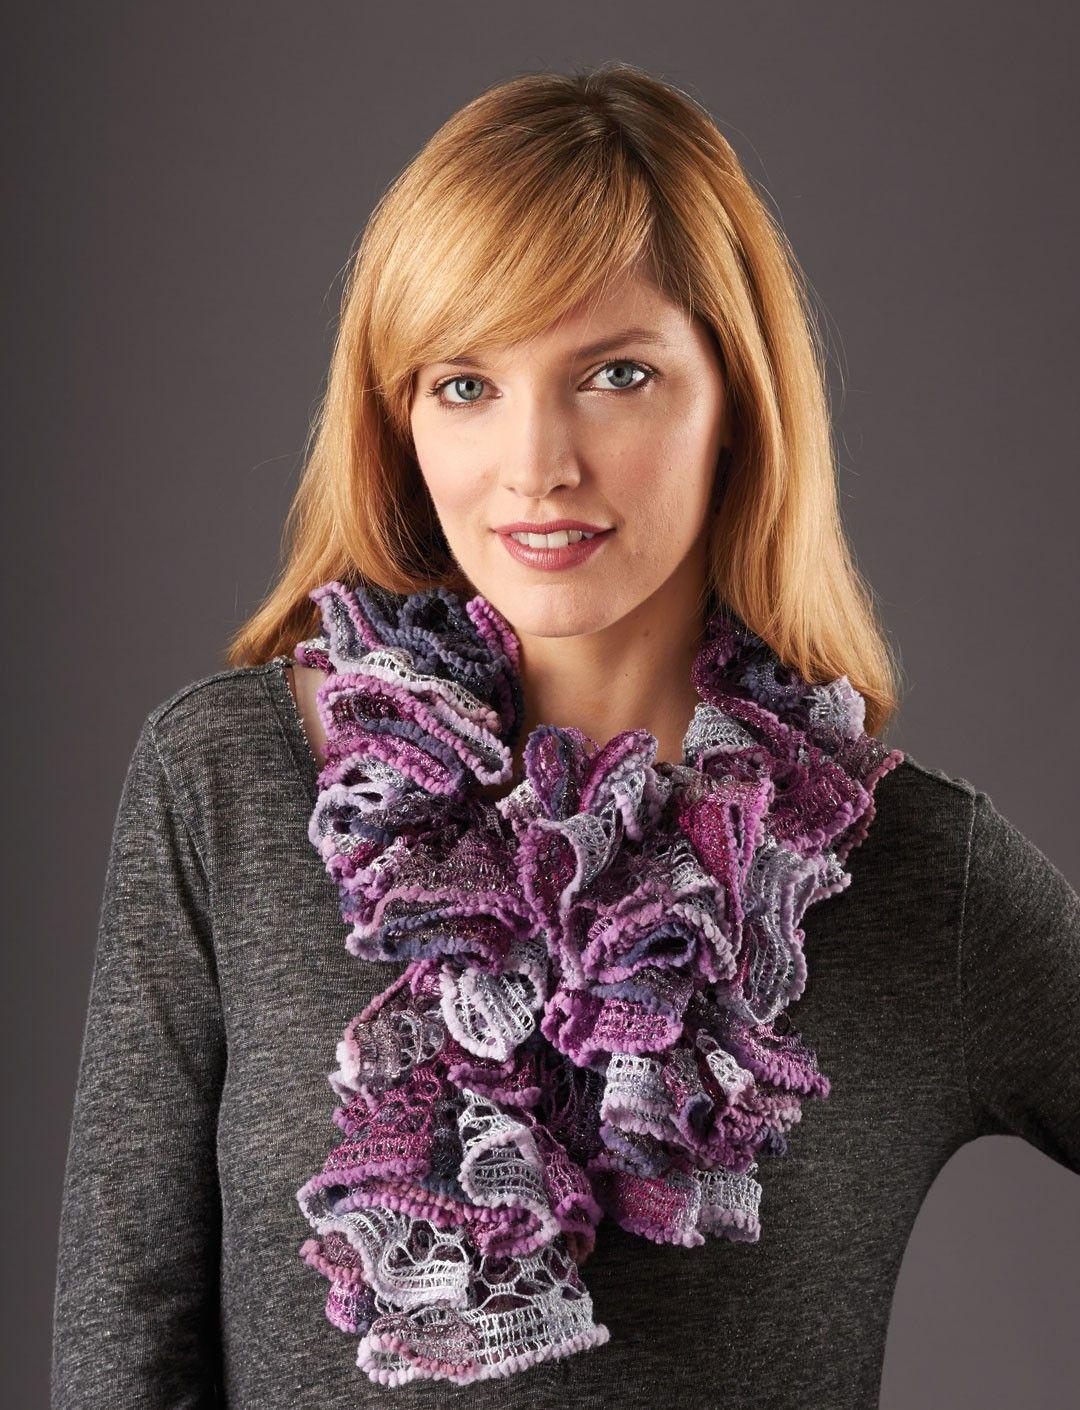 Yarnspirations.com - Patons Ruffle Crochet Scarf - Patterns ...